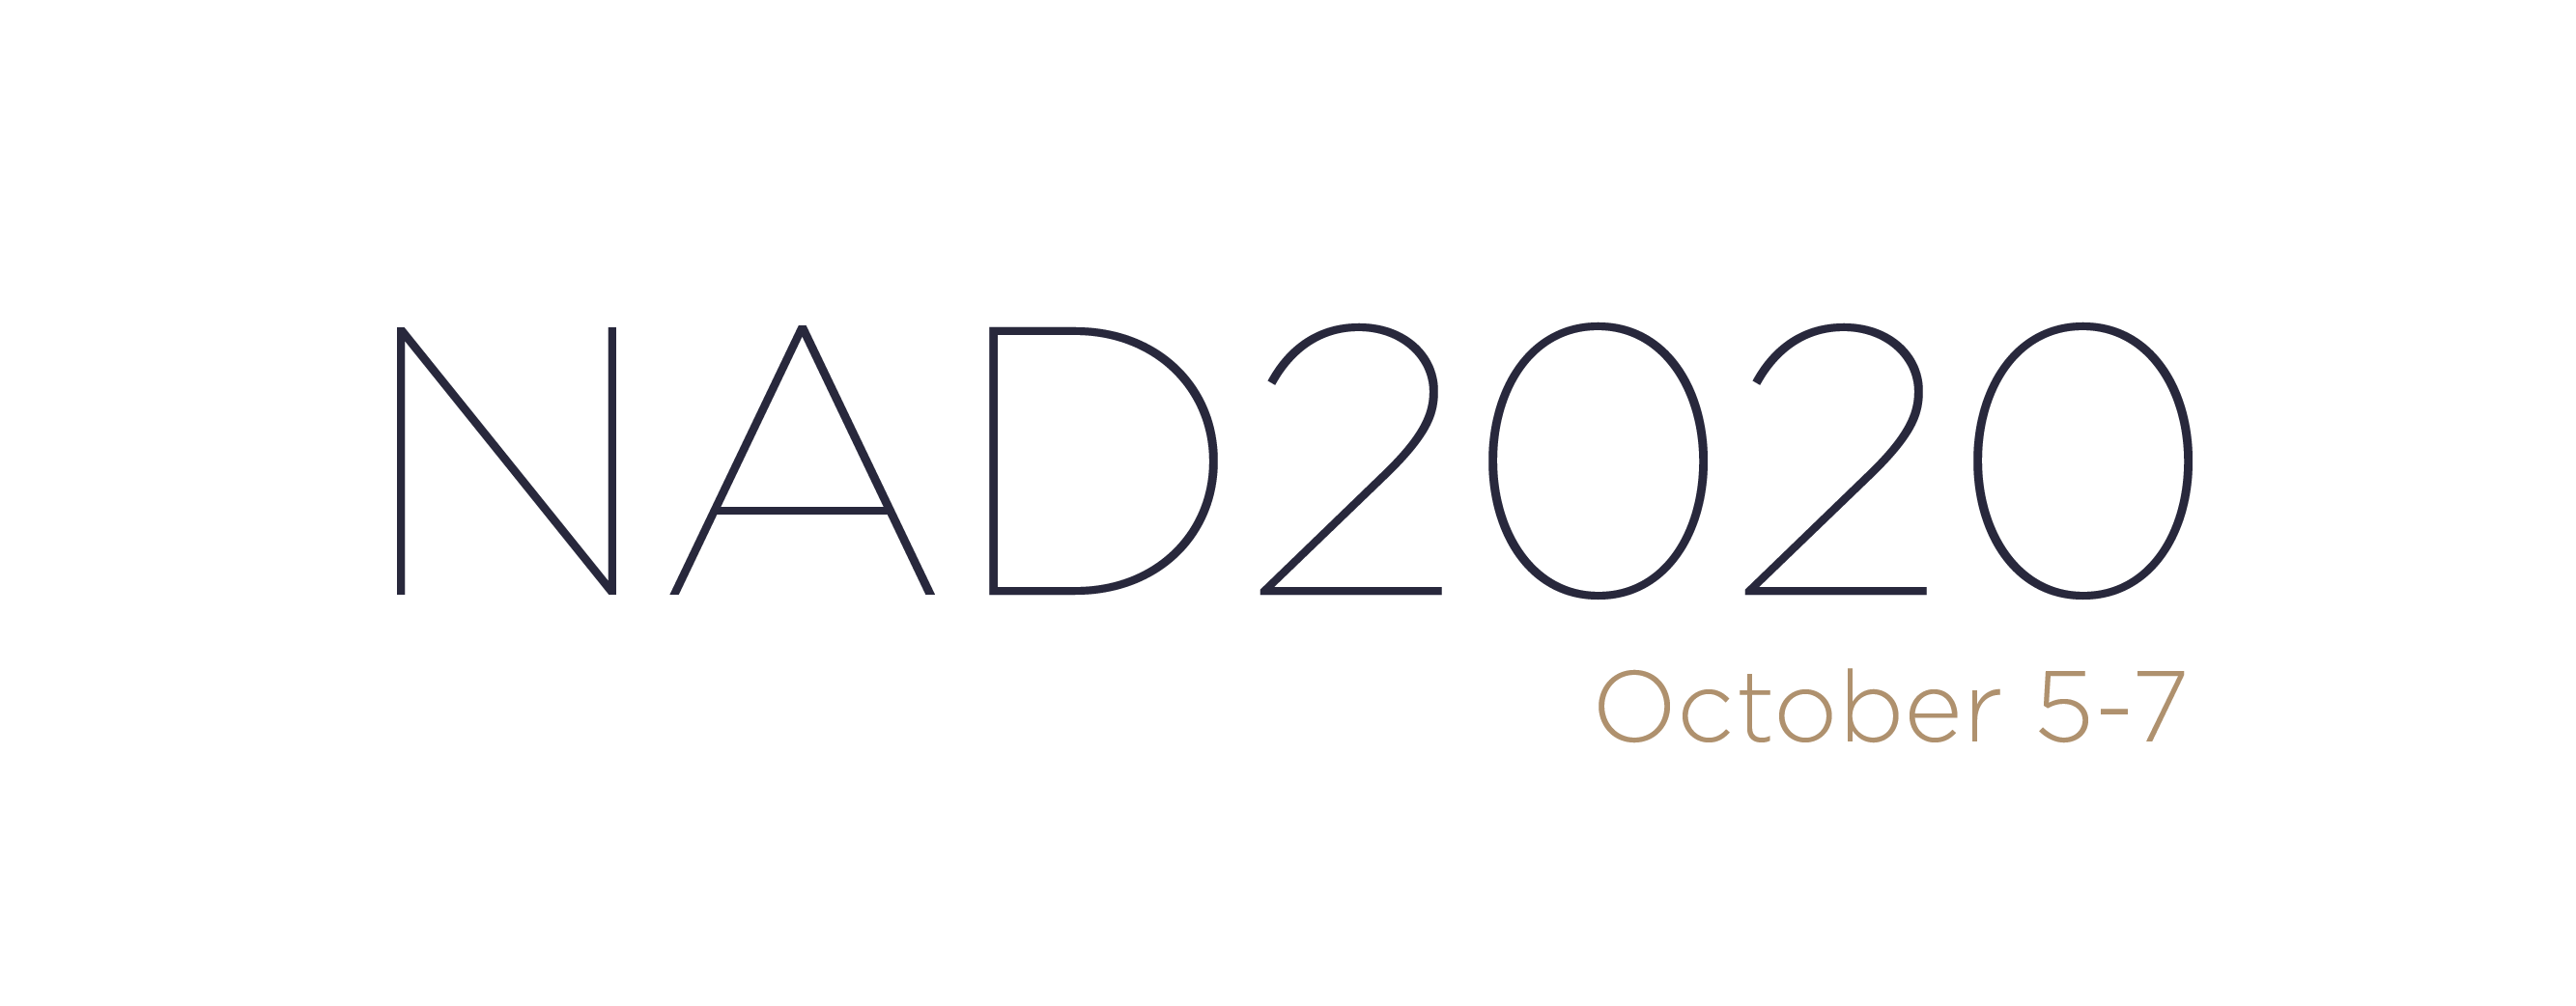 NAD2020 October 5-7